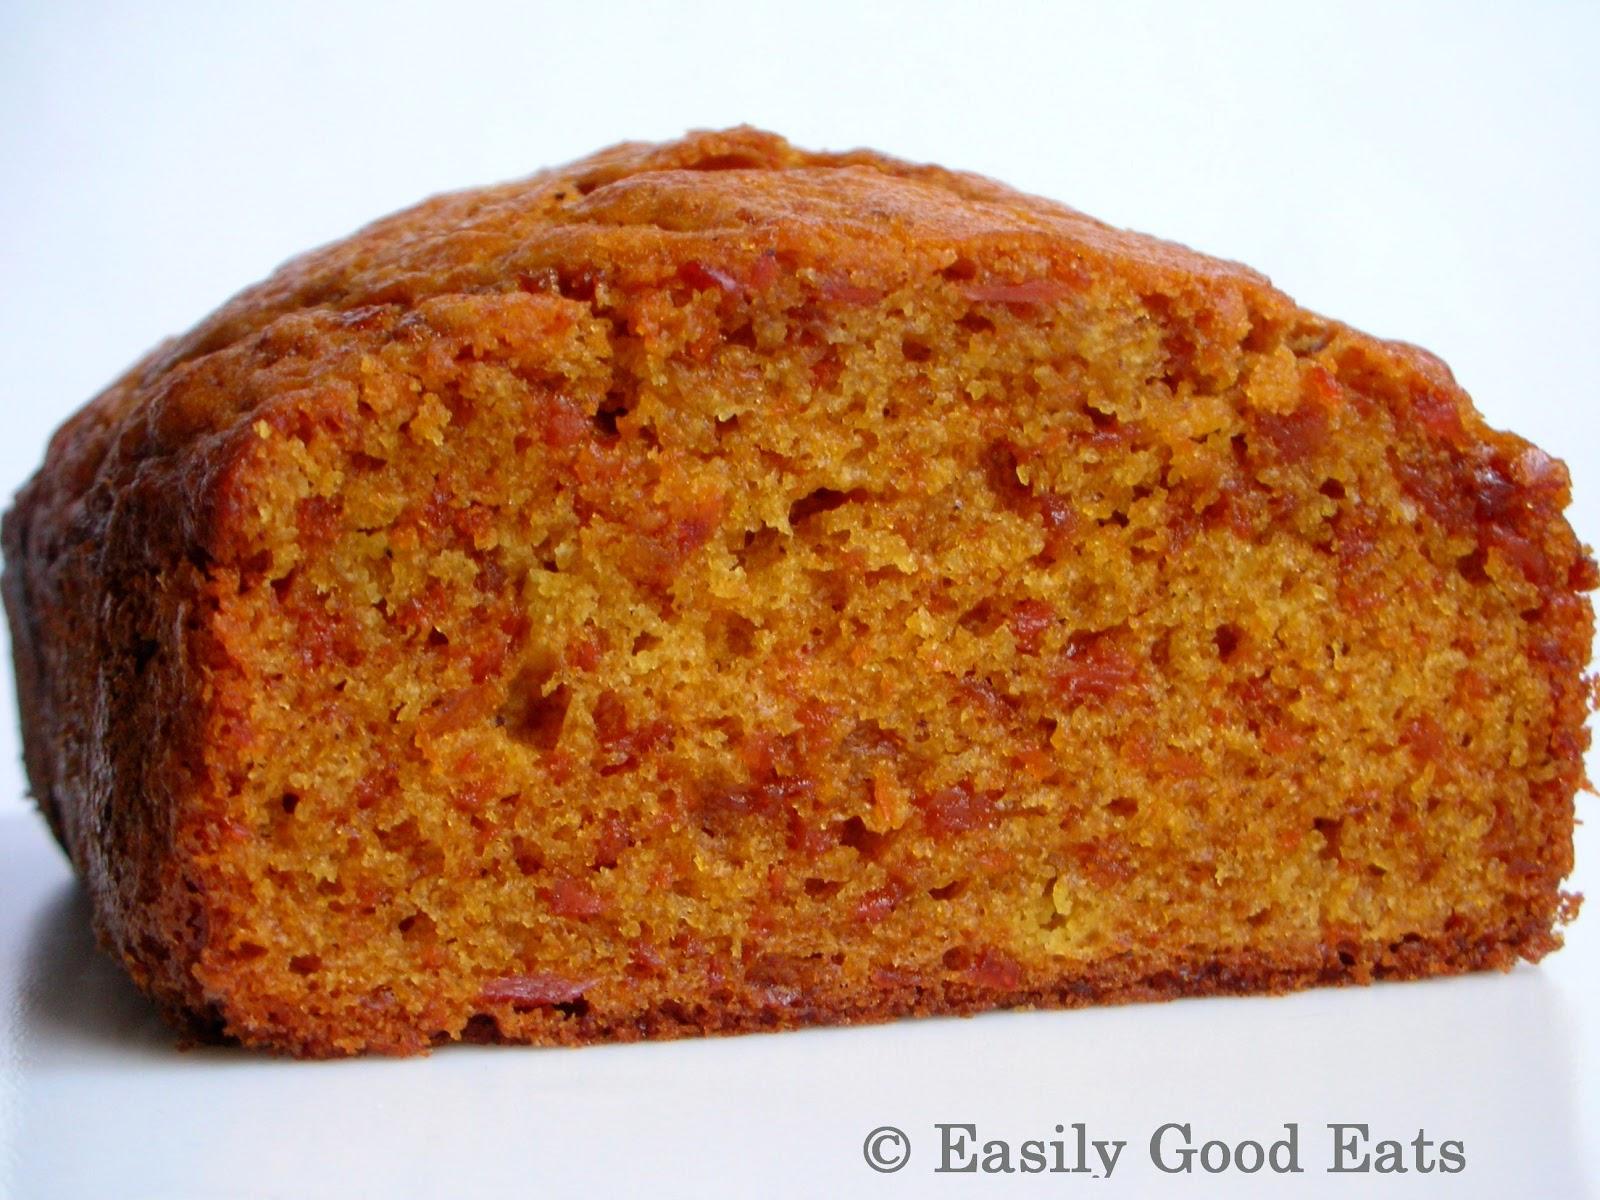 Carrot cake slice recipe